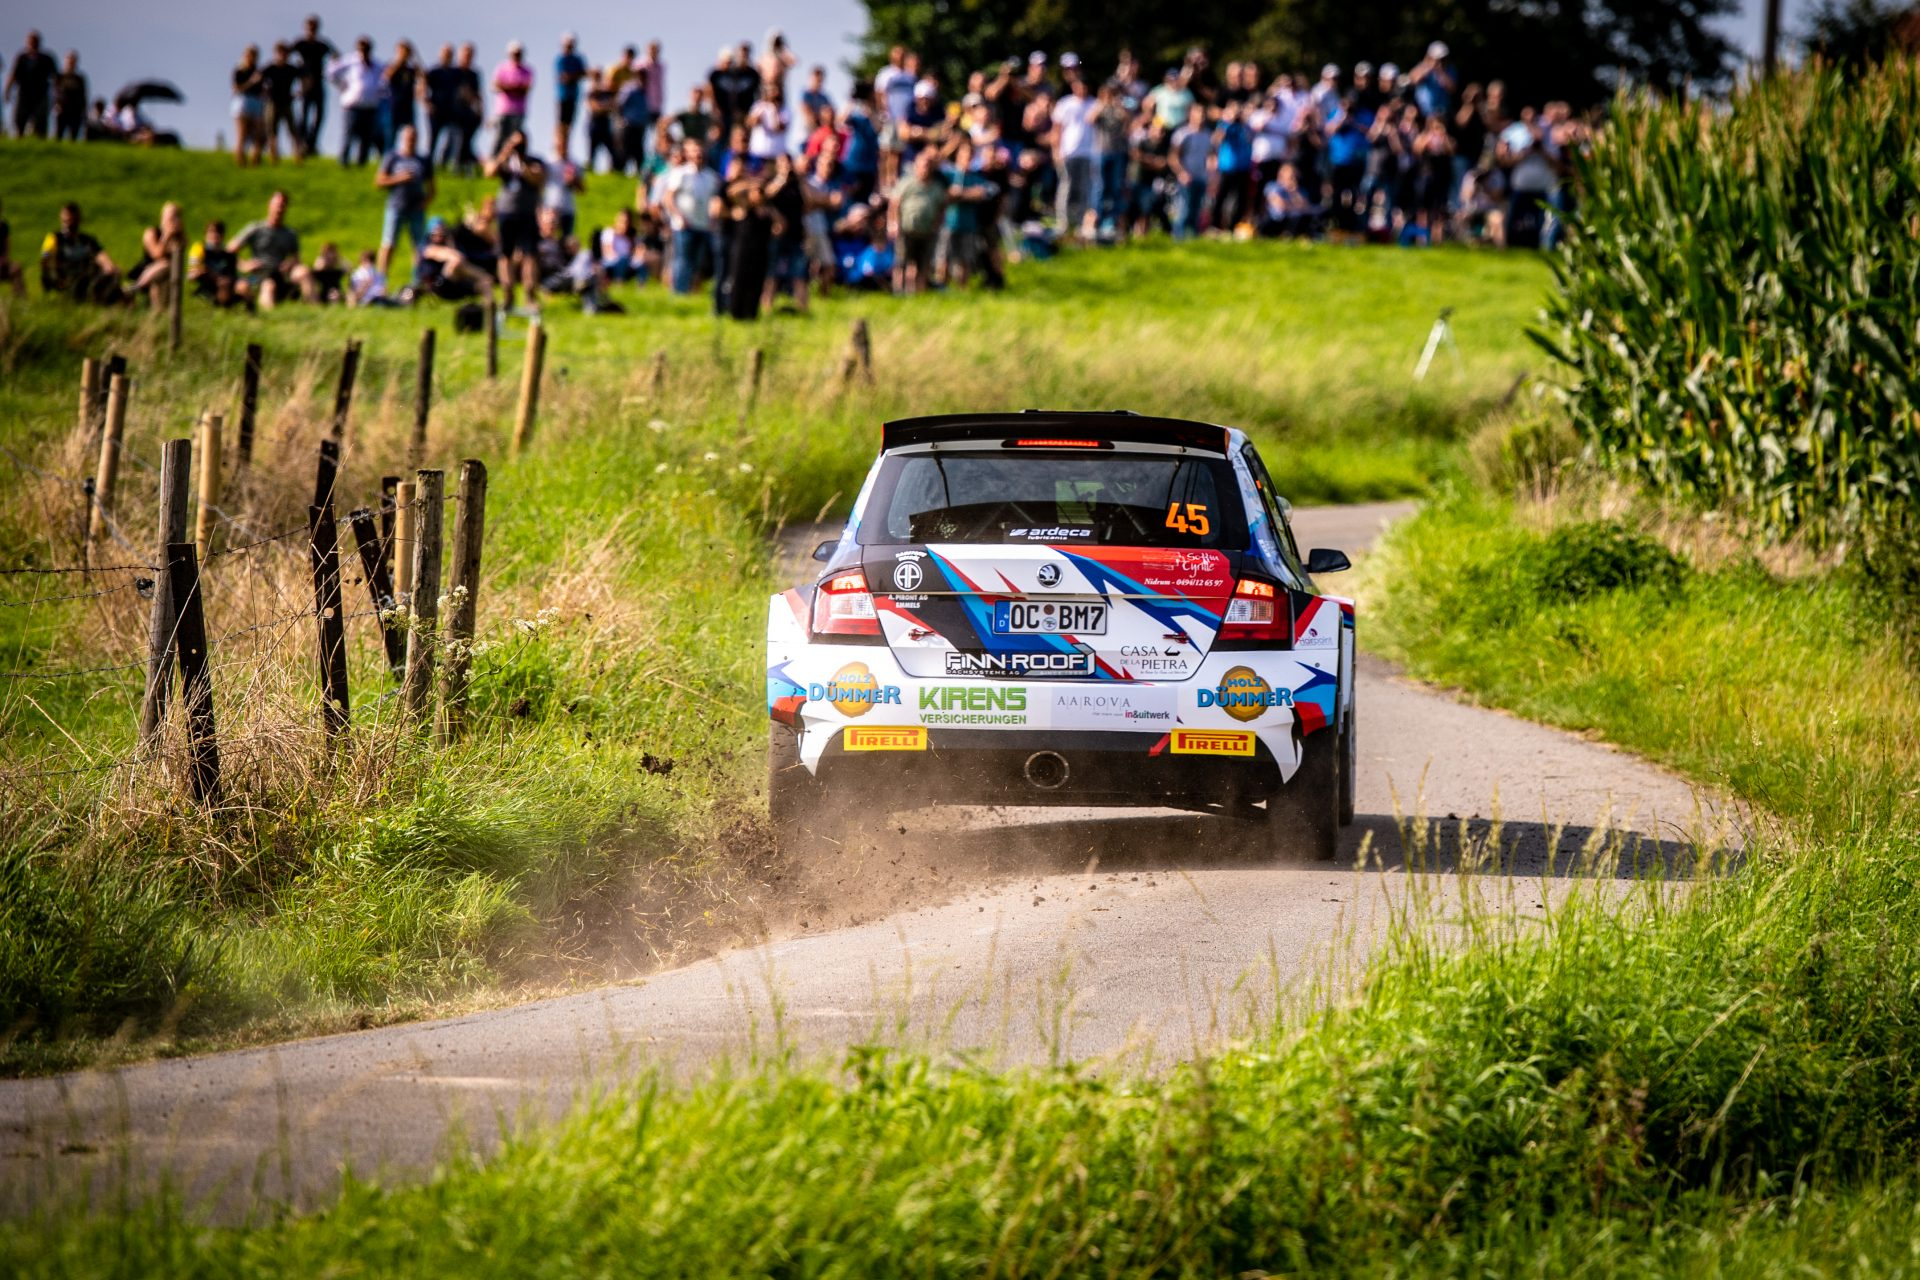 Stáhněte si tapety do mobilu z Renties Ypres Rally Belgium